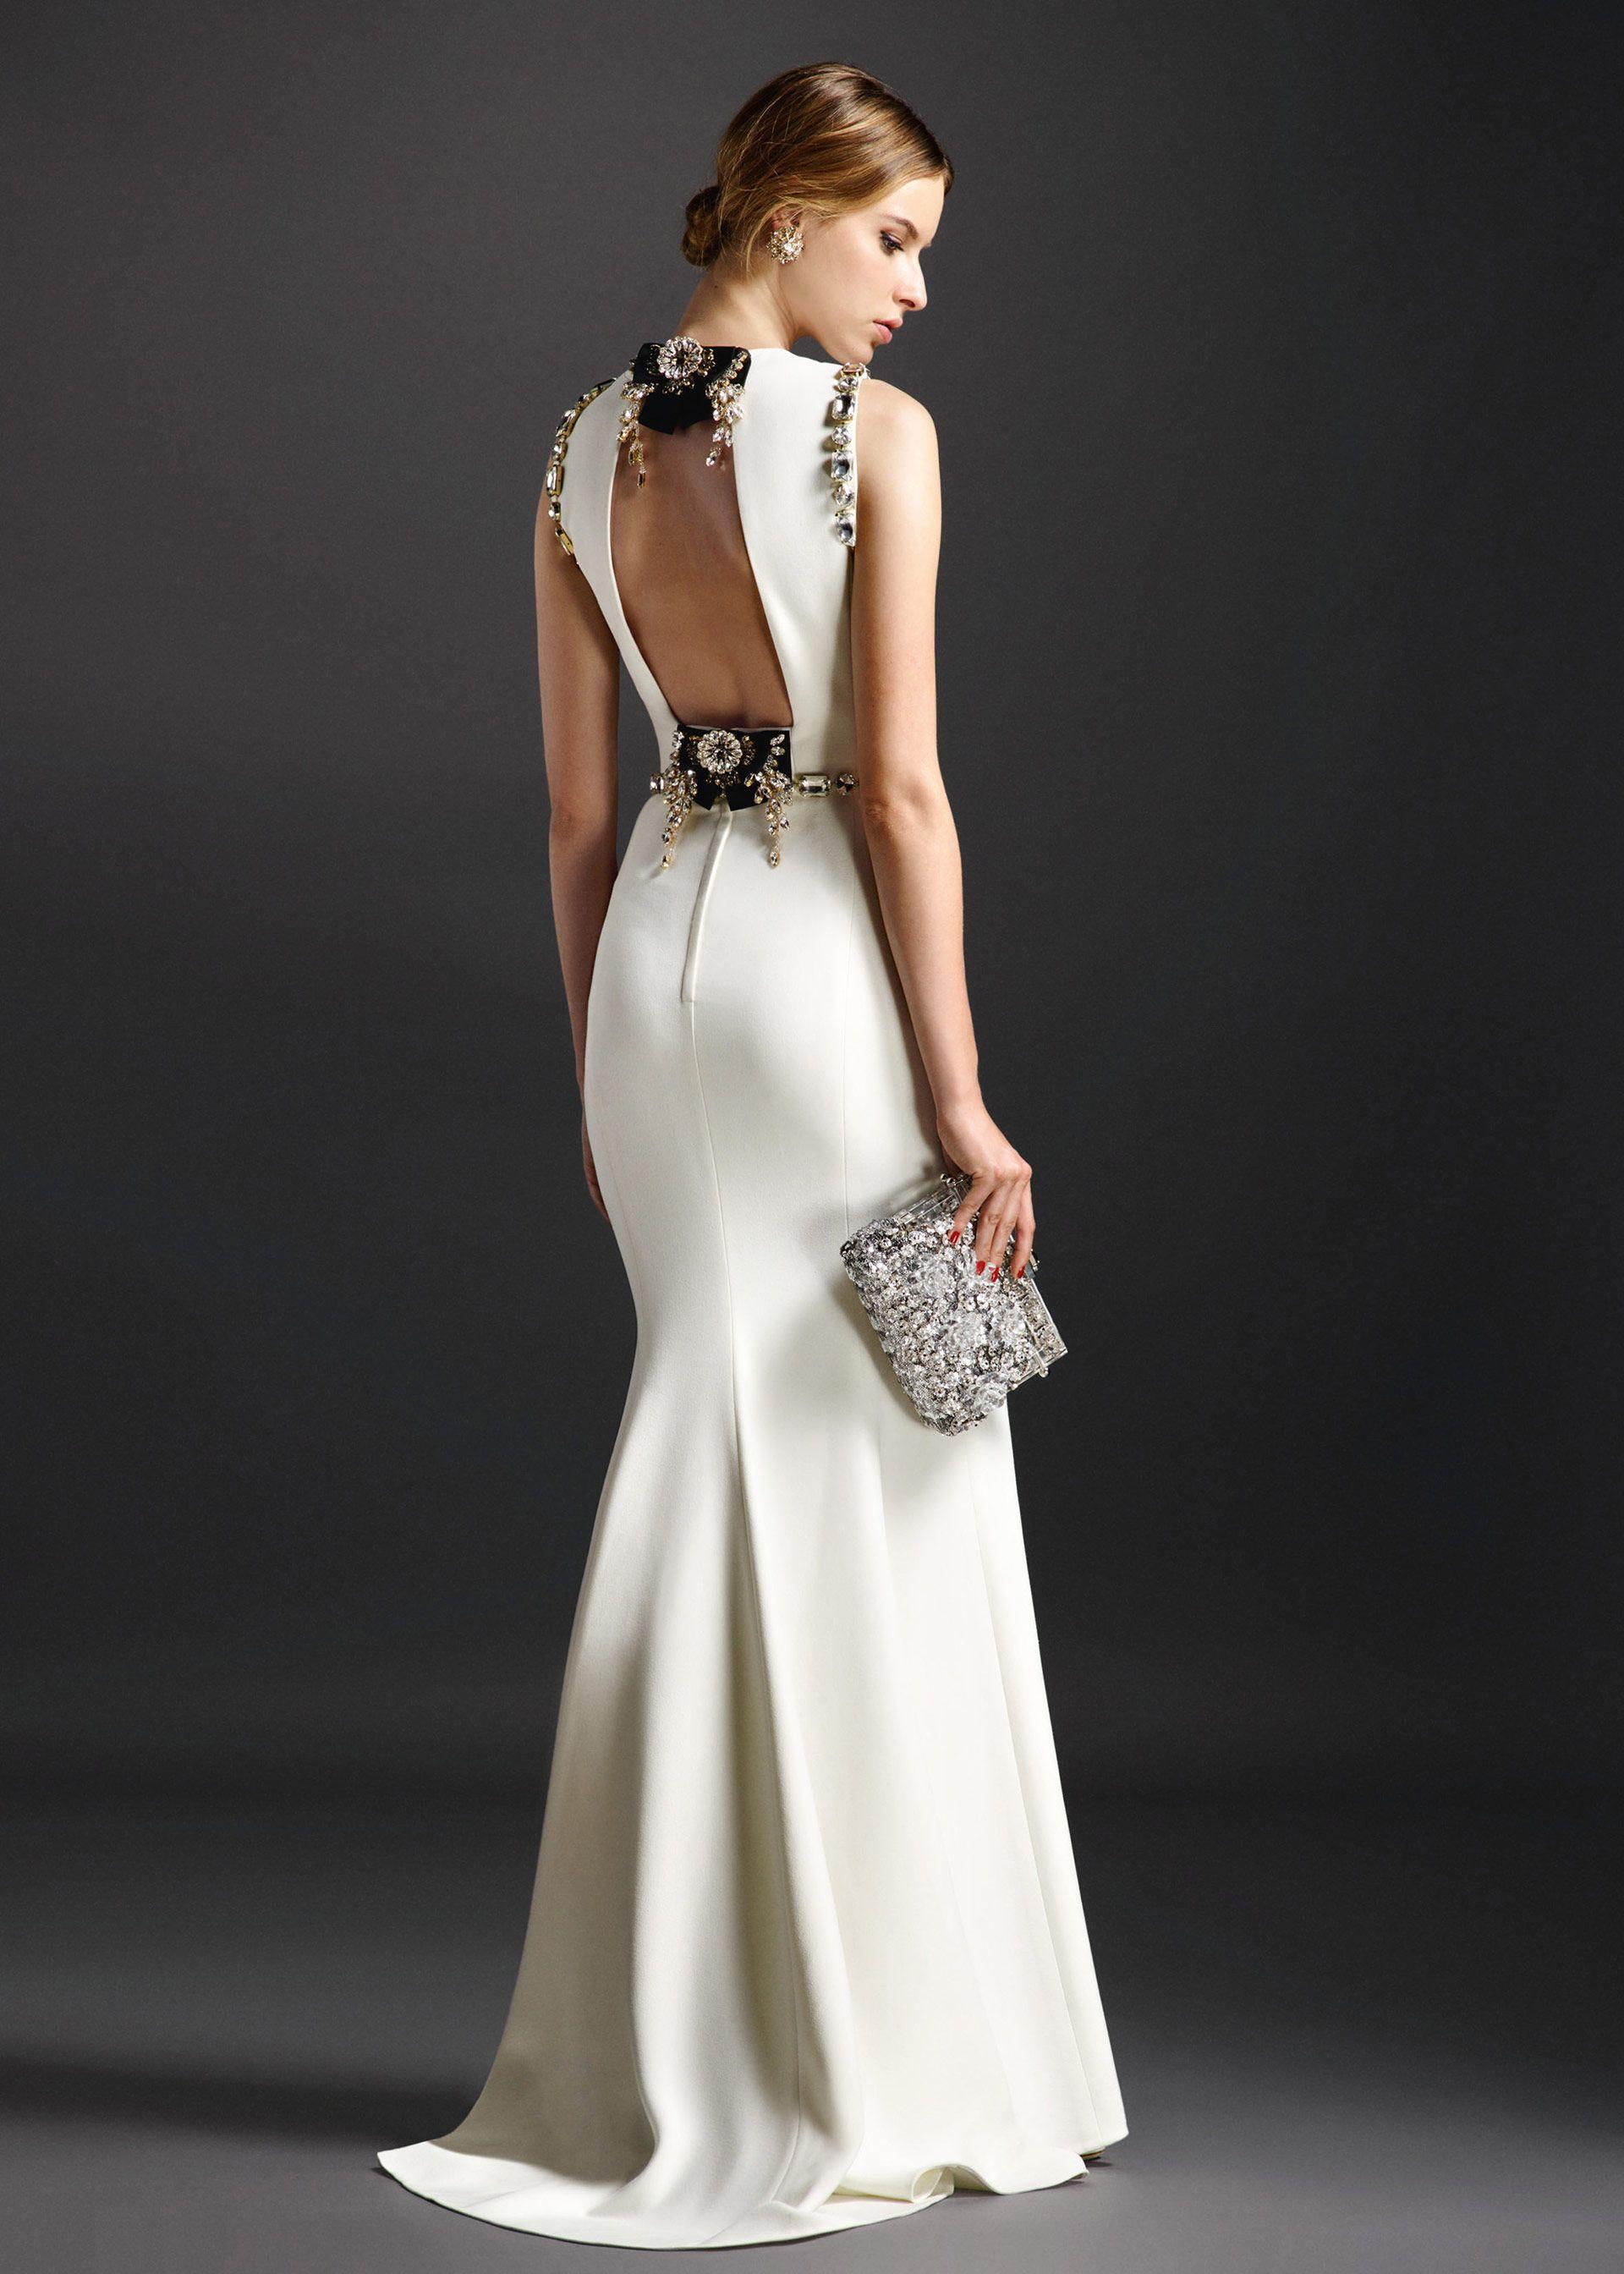 Abiti Eleganti Dolce E Gabbana.Get Inspired By Dolce Gabbana Women S Sera Collection Summer